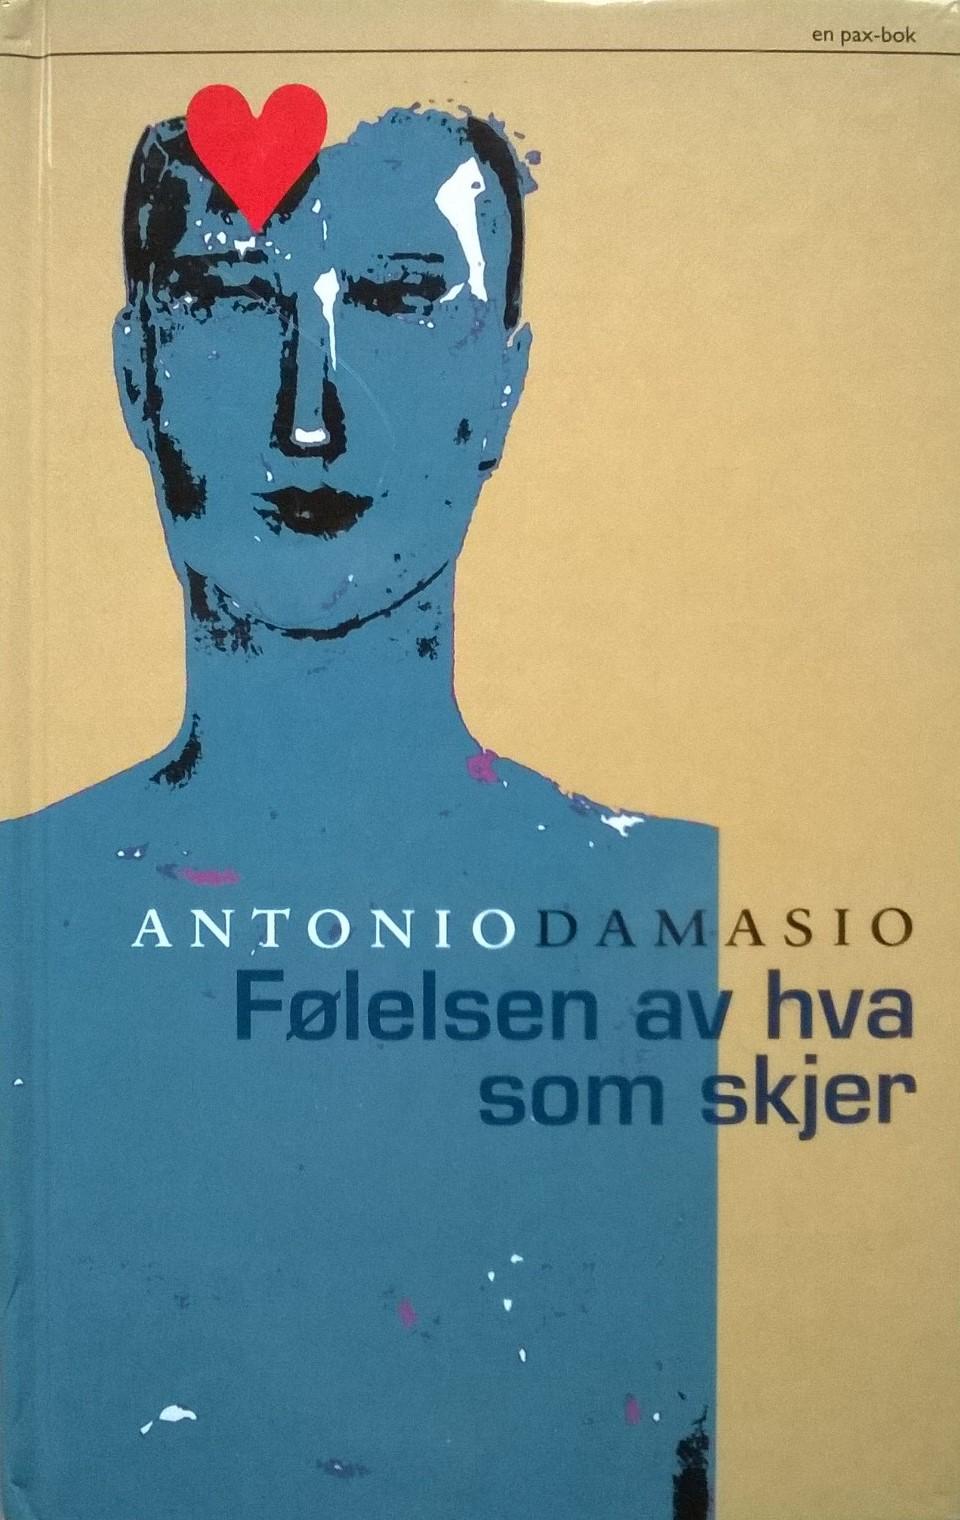 Damasio, Antonio R. Følelsen av hva som skjer: Kroppens og emosjonenes betydning for bevisstheten